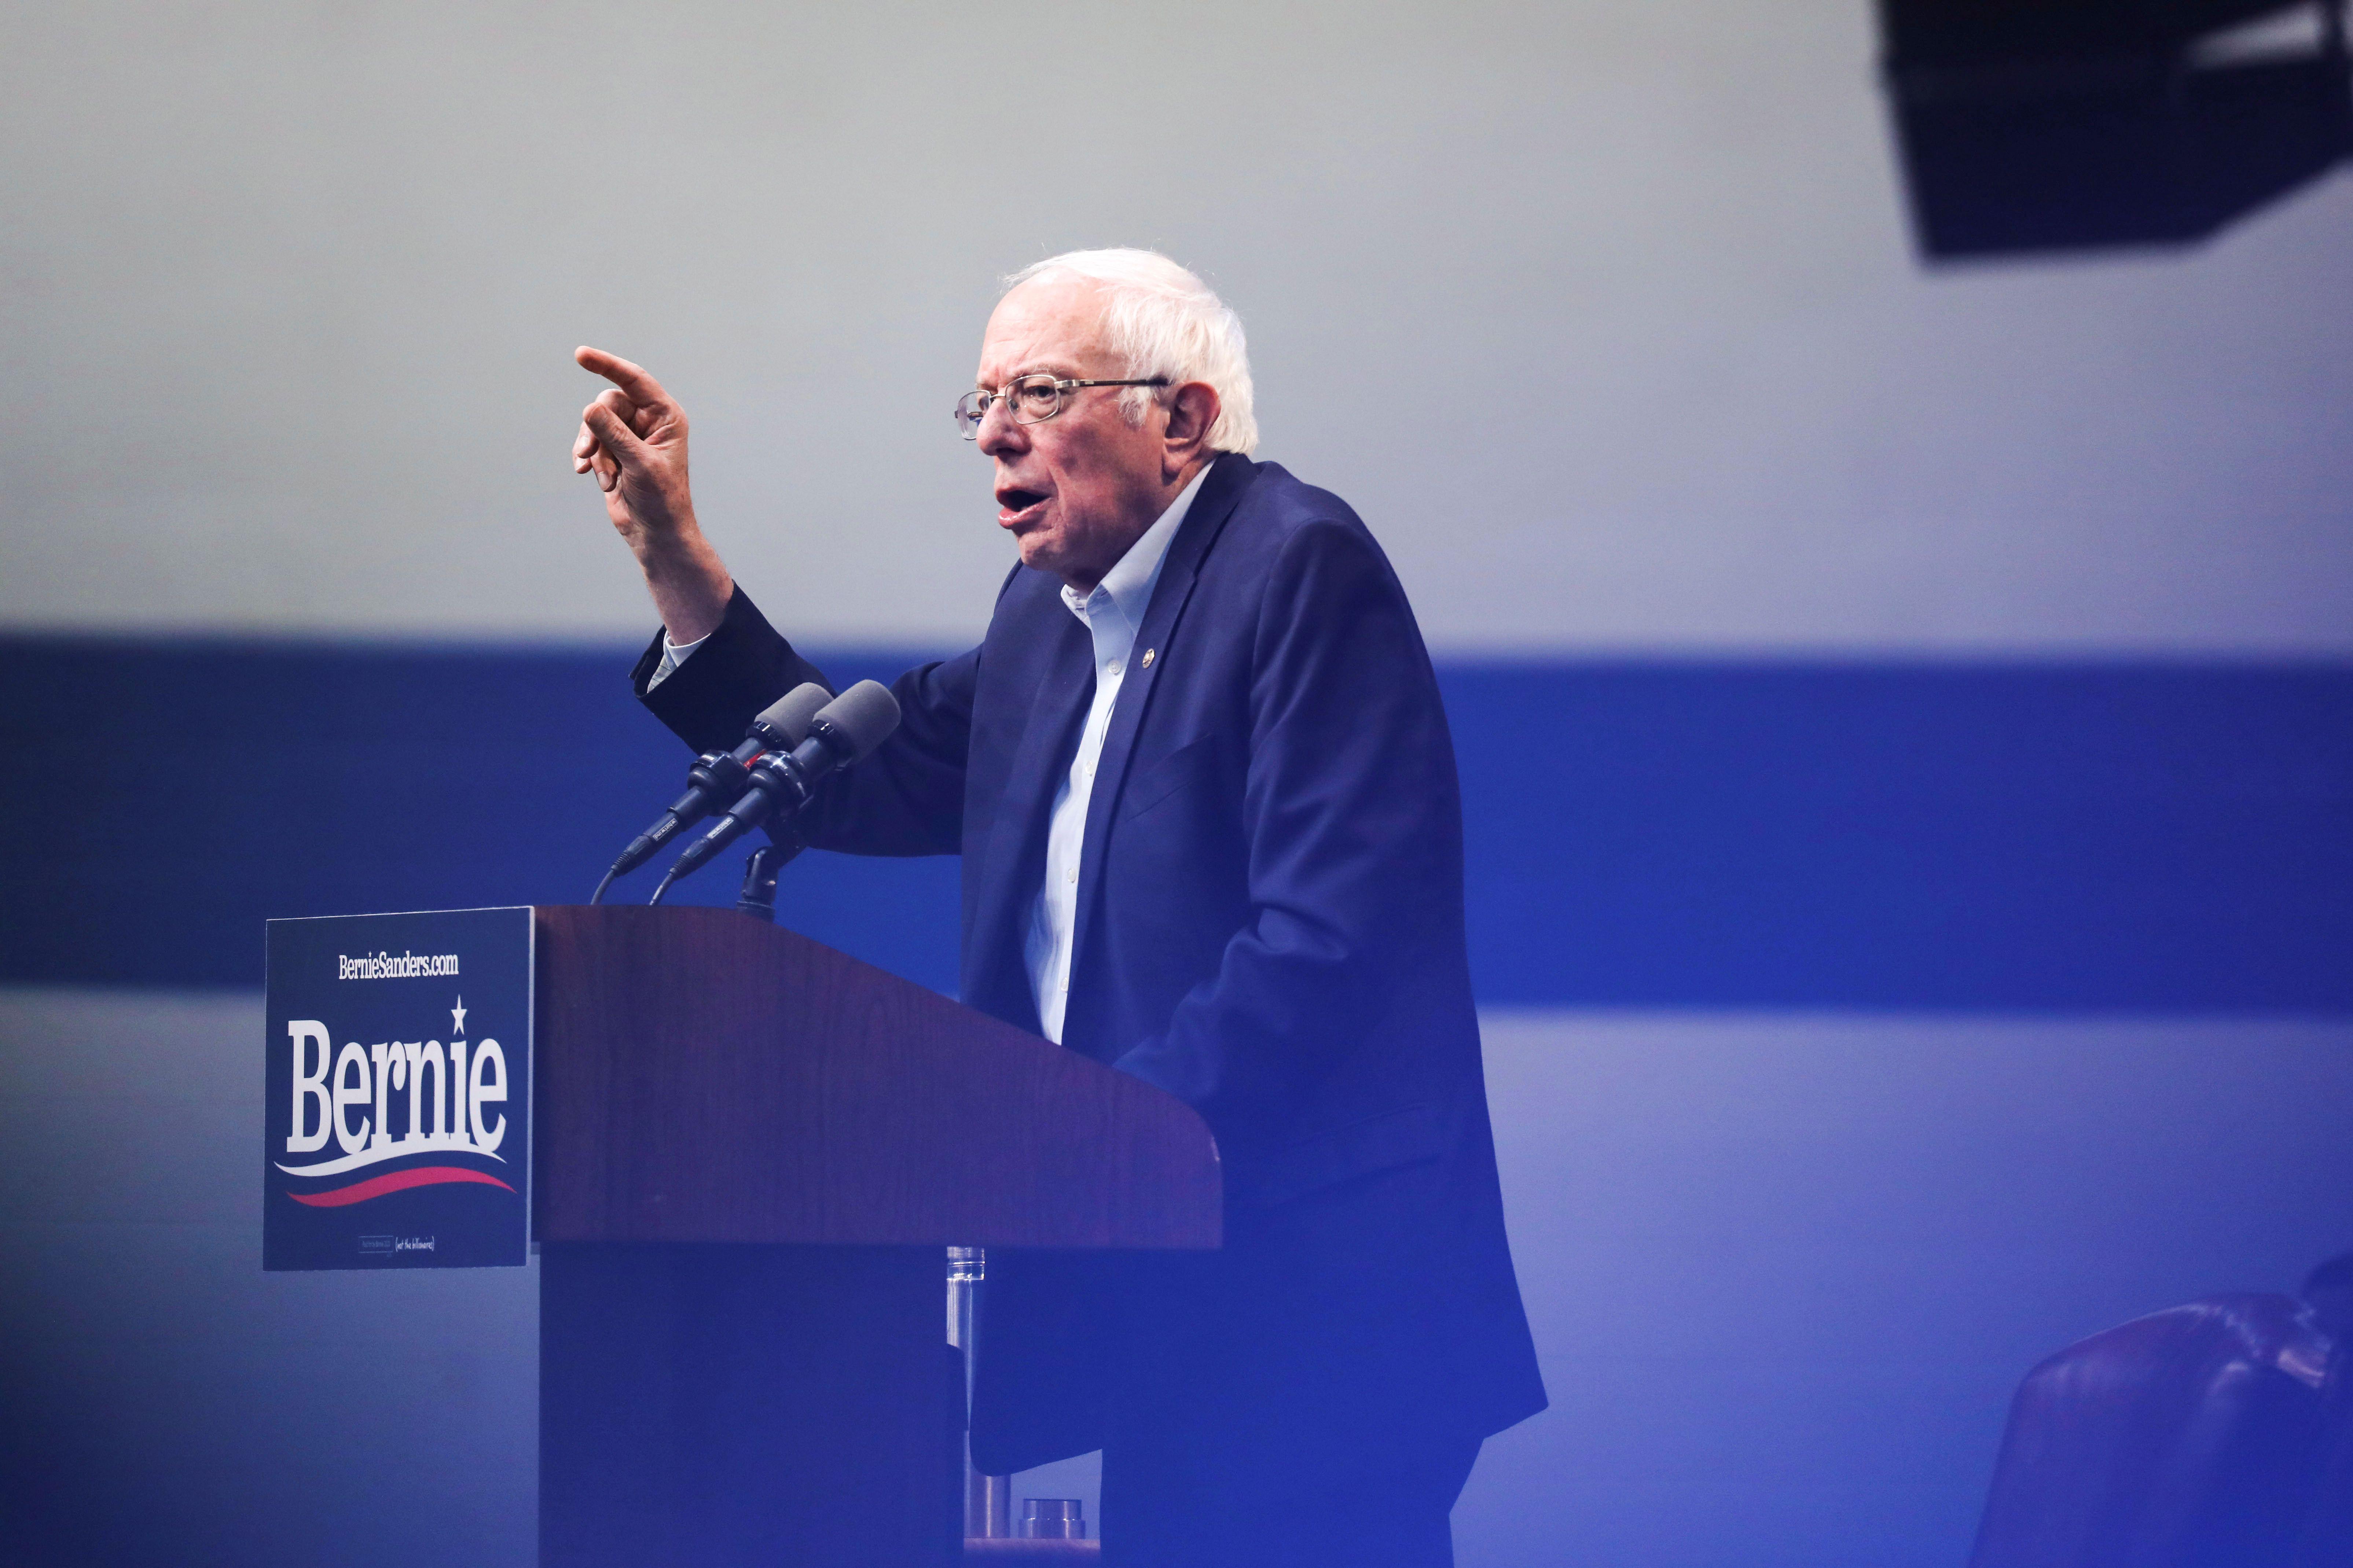 El candidato presidencial demócrata Bernie Sanders habla durante una cumbre sobre la crisis climática en la Universidad Drake, en Des Moines, Iowa, el 9 de noviembre de 2019 (REUTERS/Scott Morgan)